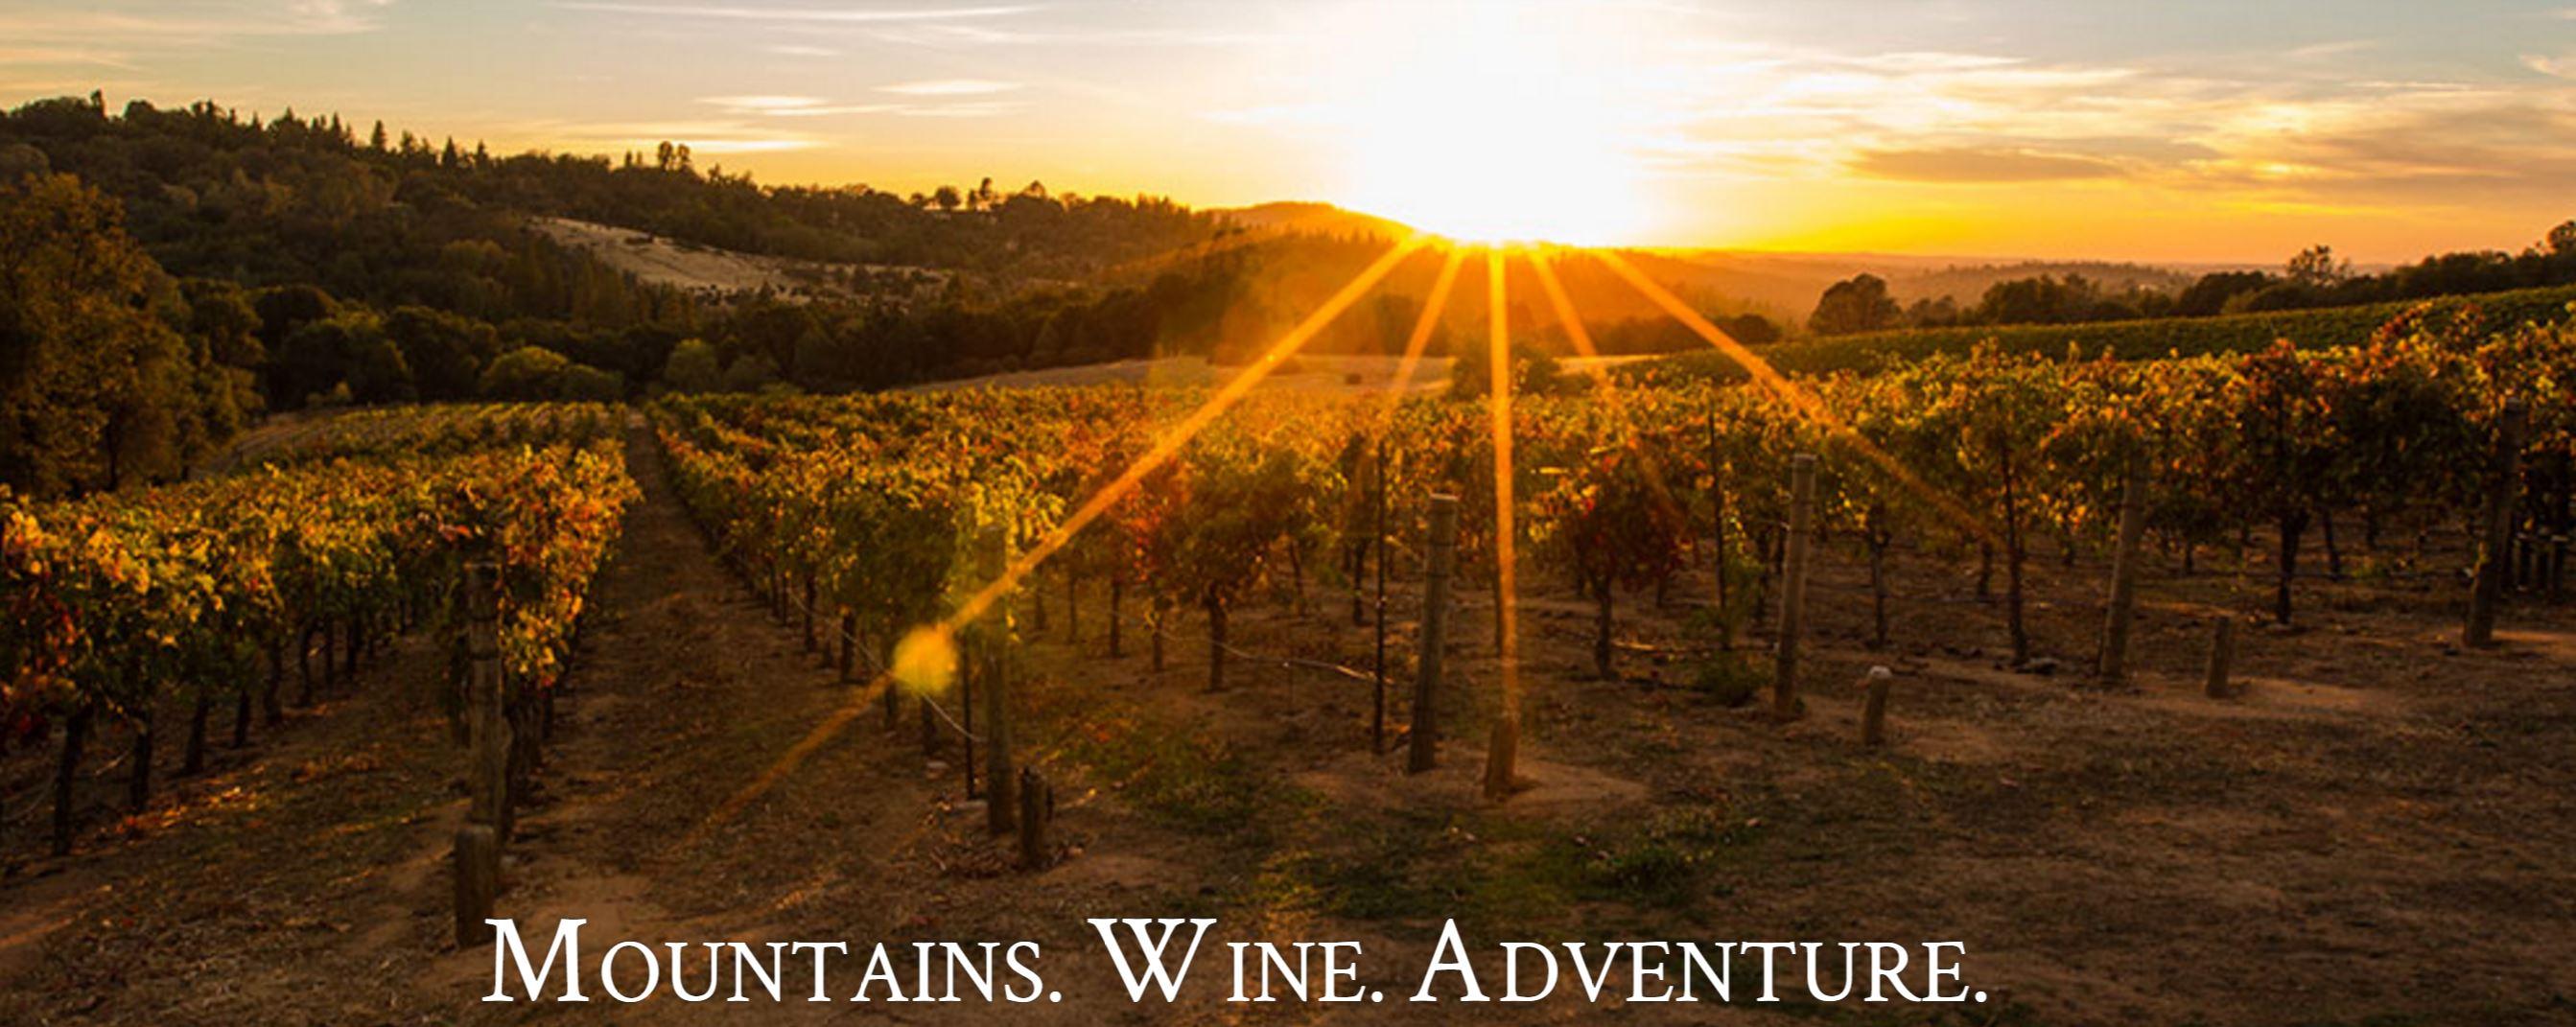 El Dorado County Wines